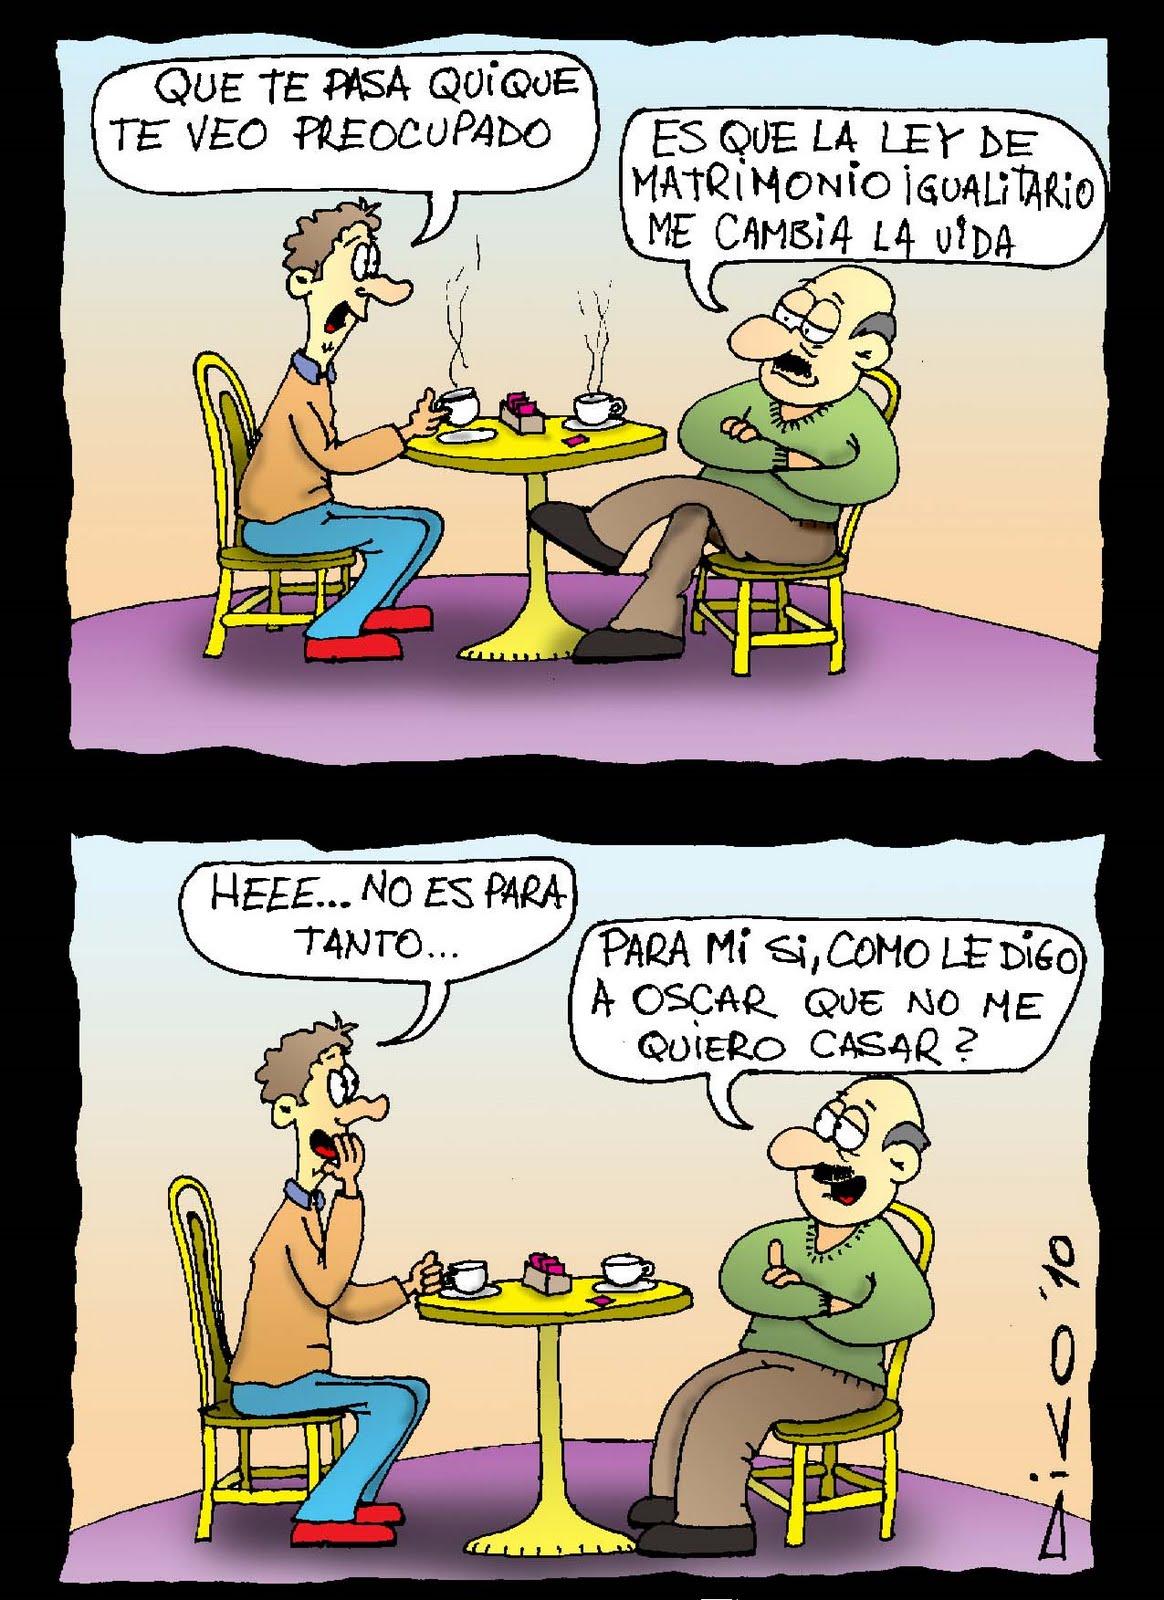 http://4.bp.blogspot.com/_UlC6BokADC8/TECNCpi3SXI/AAAAAAAAAIU/Q9g3kC-83v0/s1600/Matrimonio+Igualitario+p.jpg